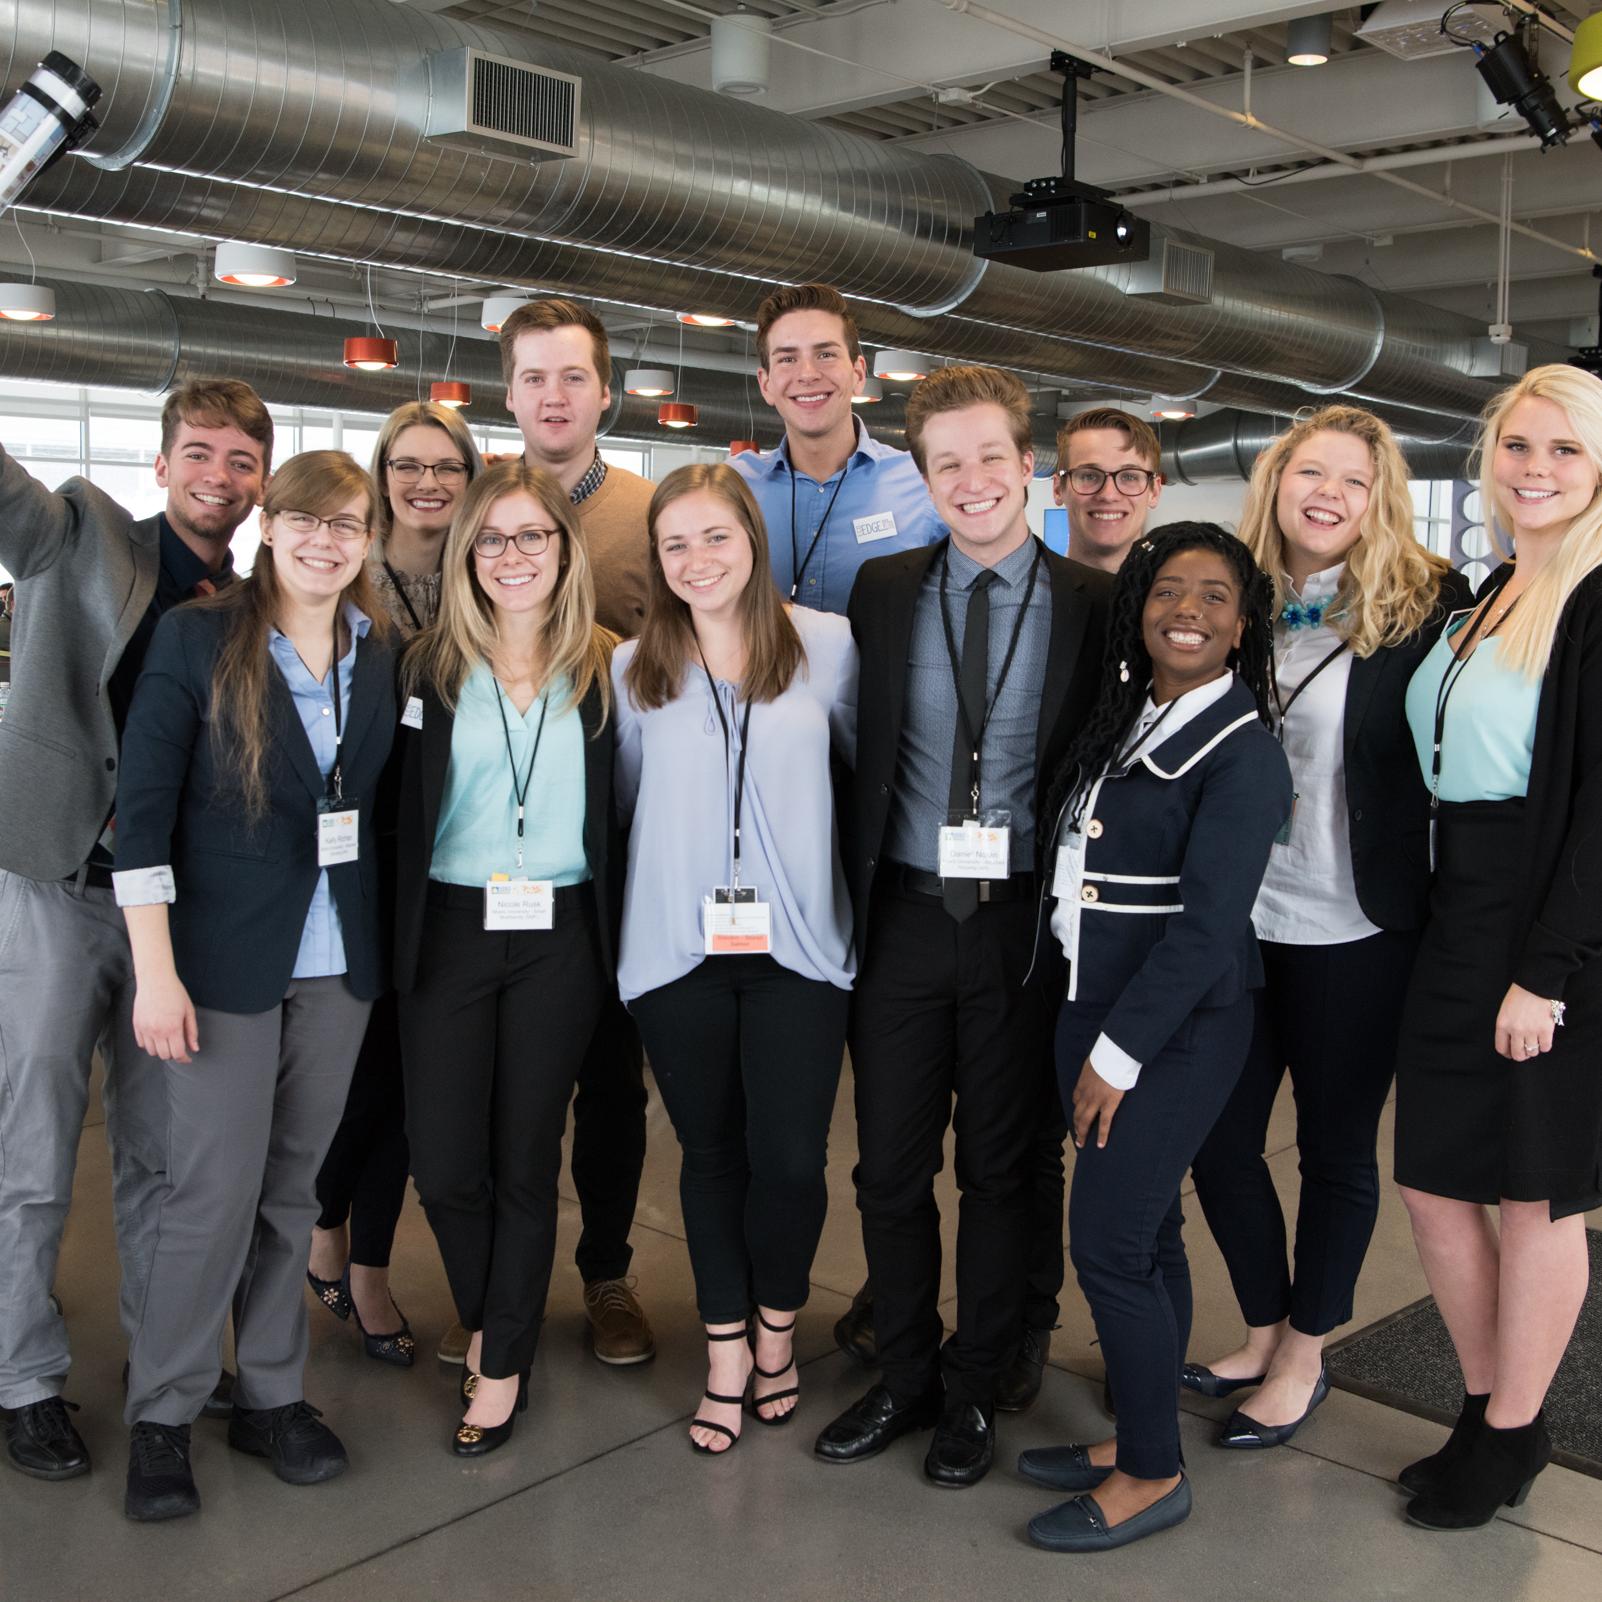 Students pose in Colorado